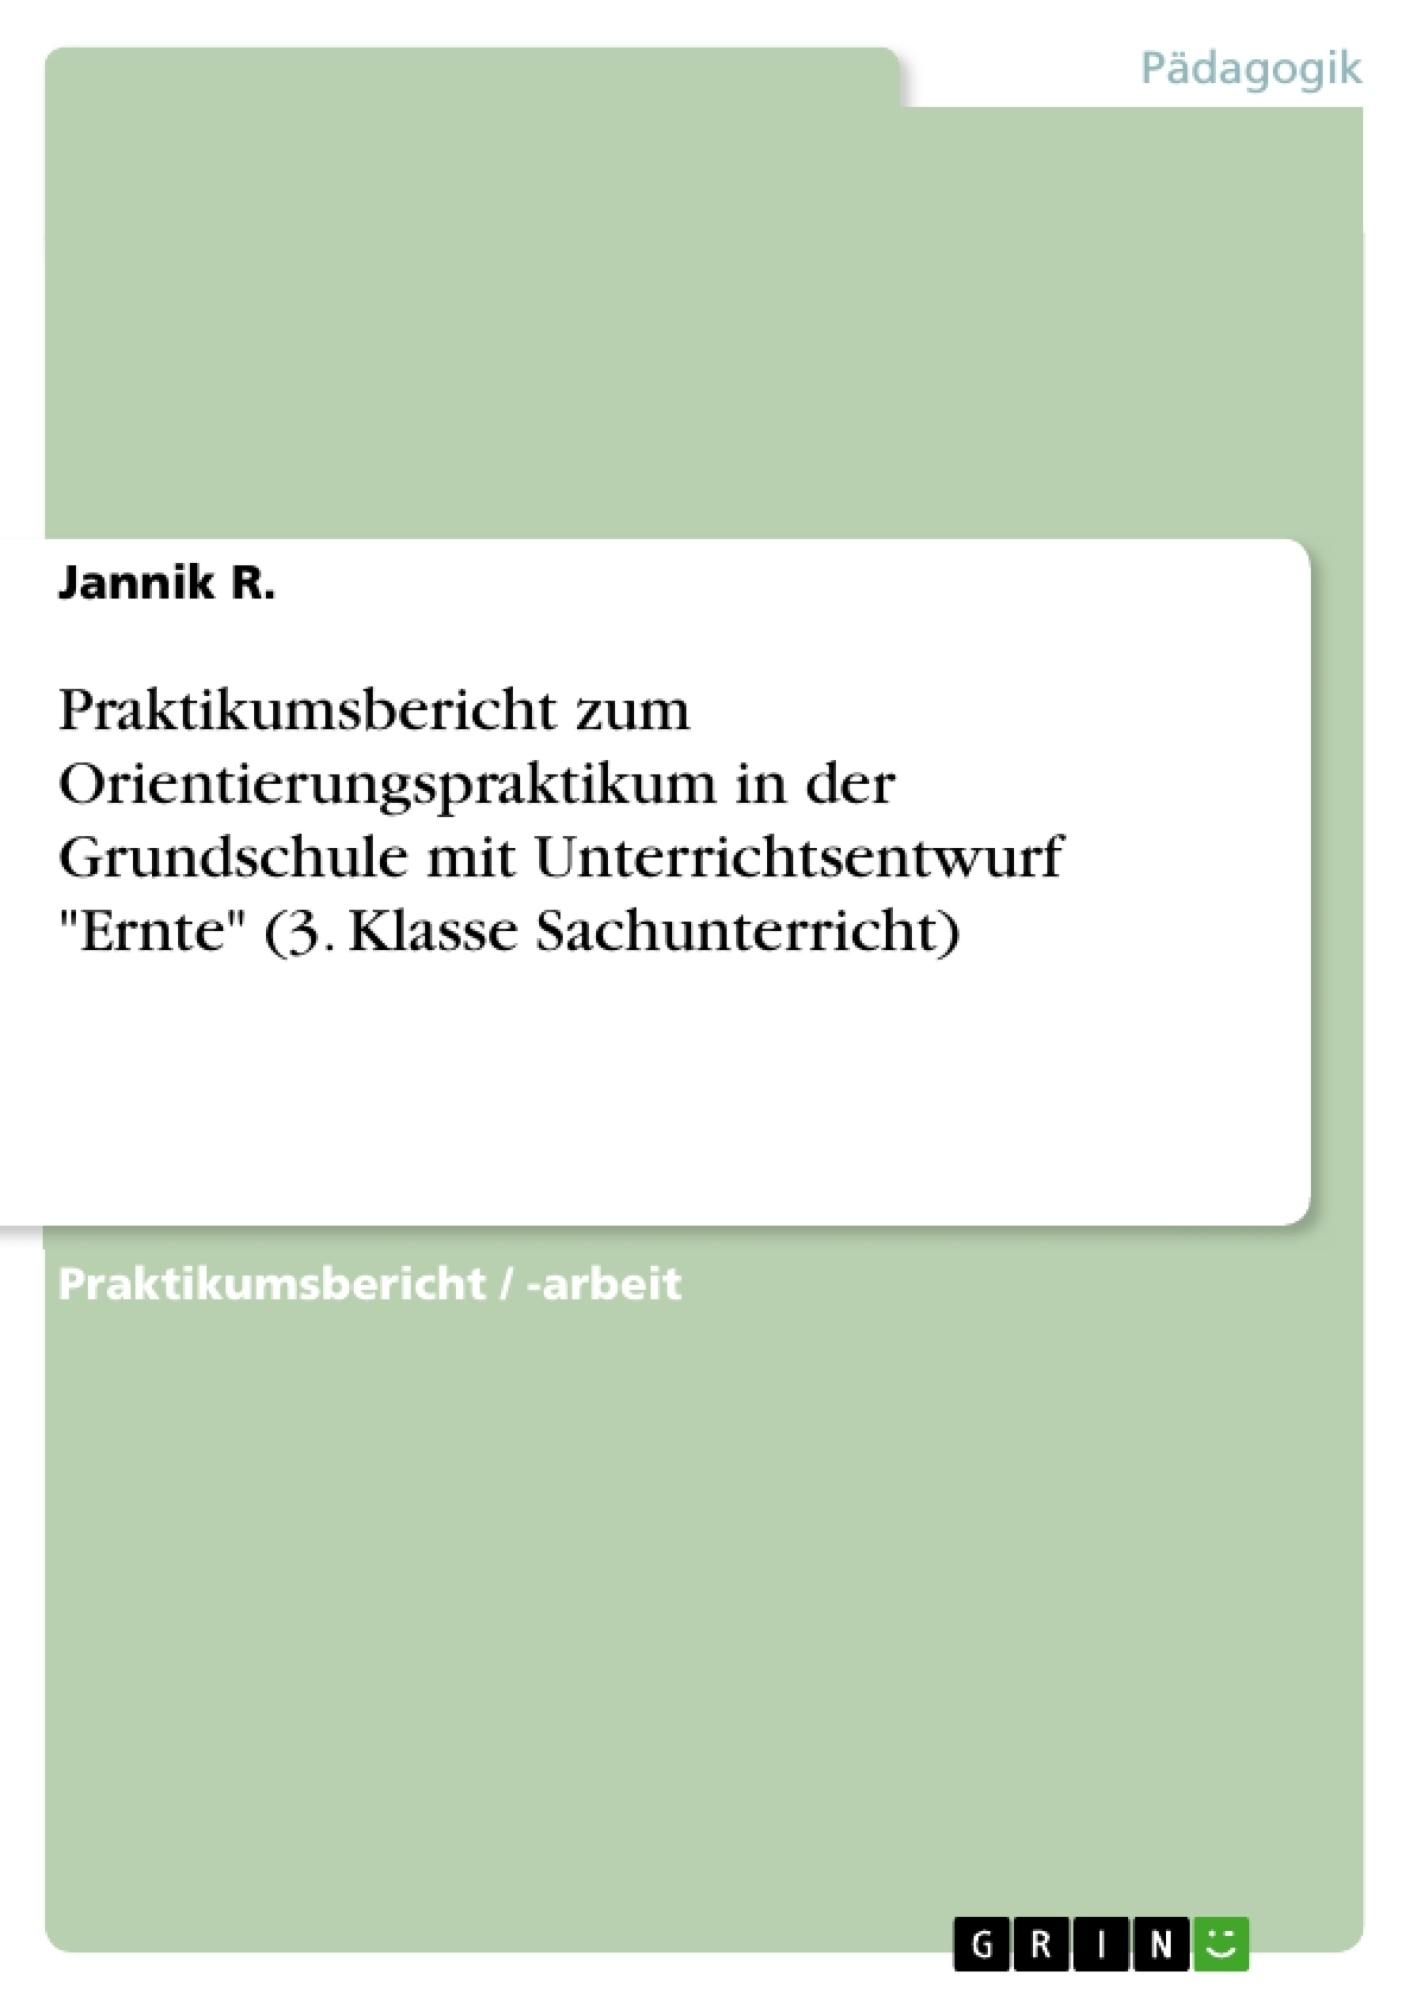 """Titel: Praktikumsbericht zum Orientierungspraktikum in der Grundschule mit Unterrichtsentwurf """"Ernte"""" (3. Klasse Sachunterricht)"""